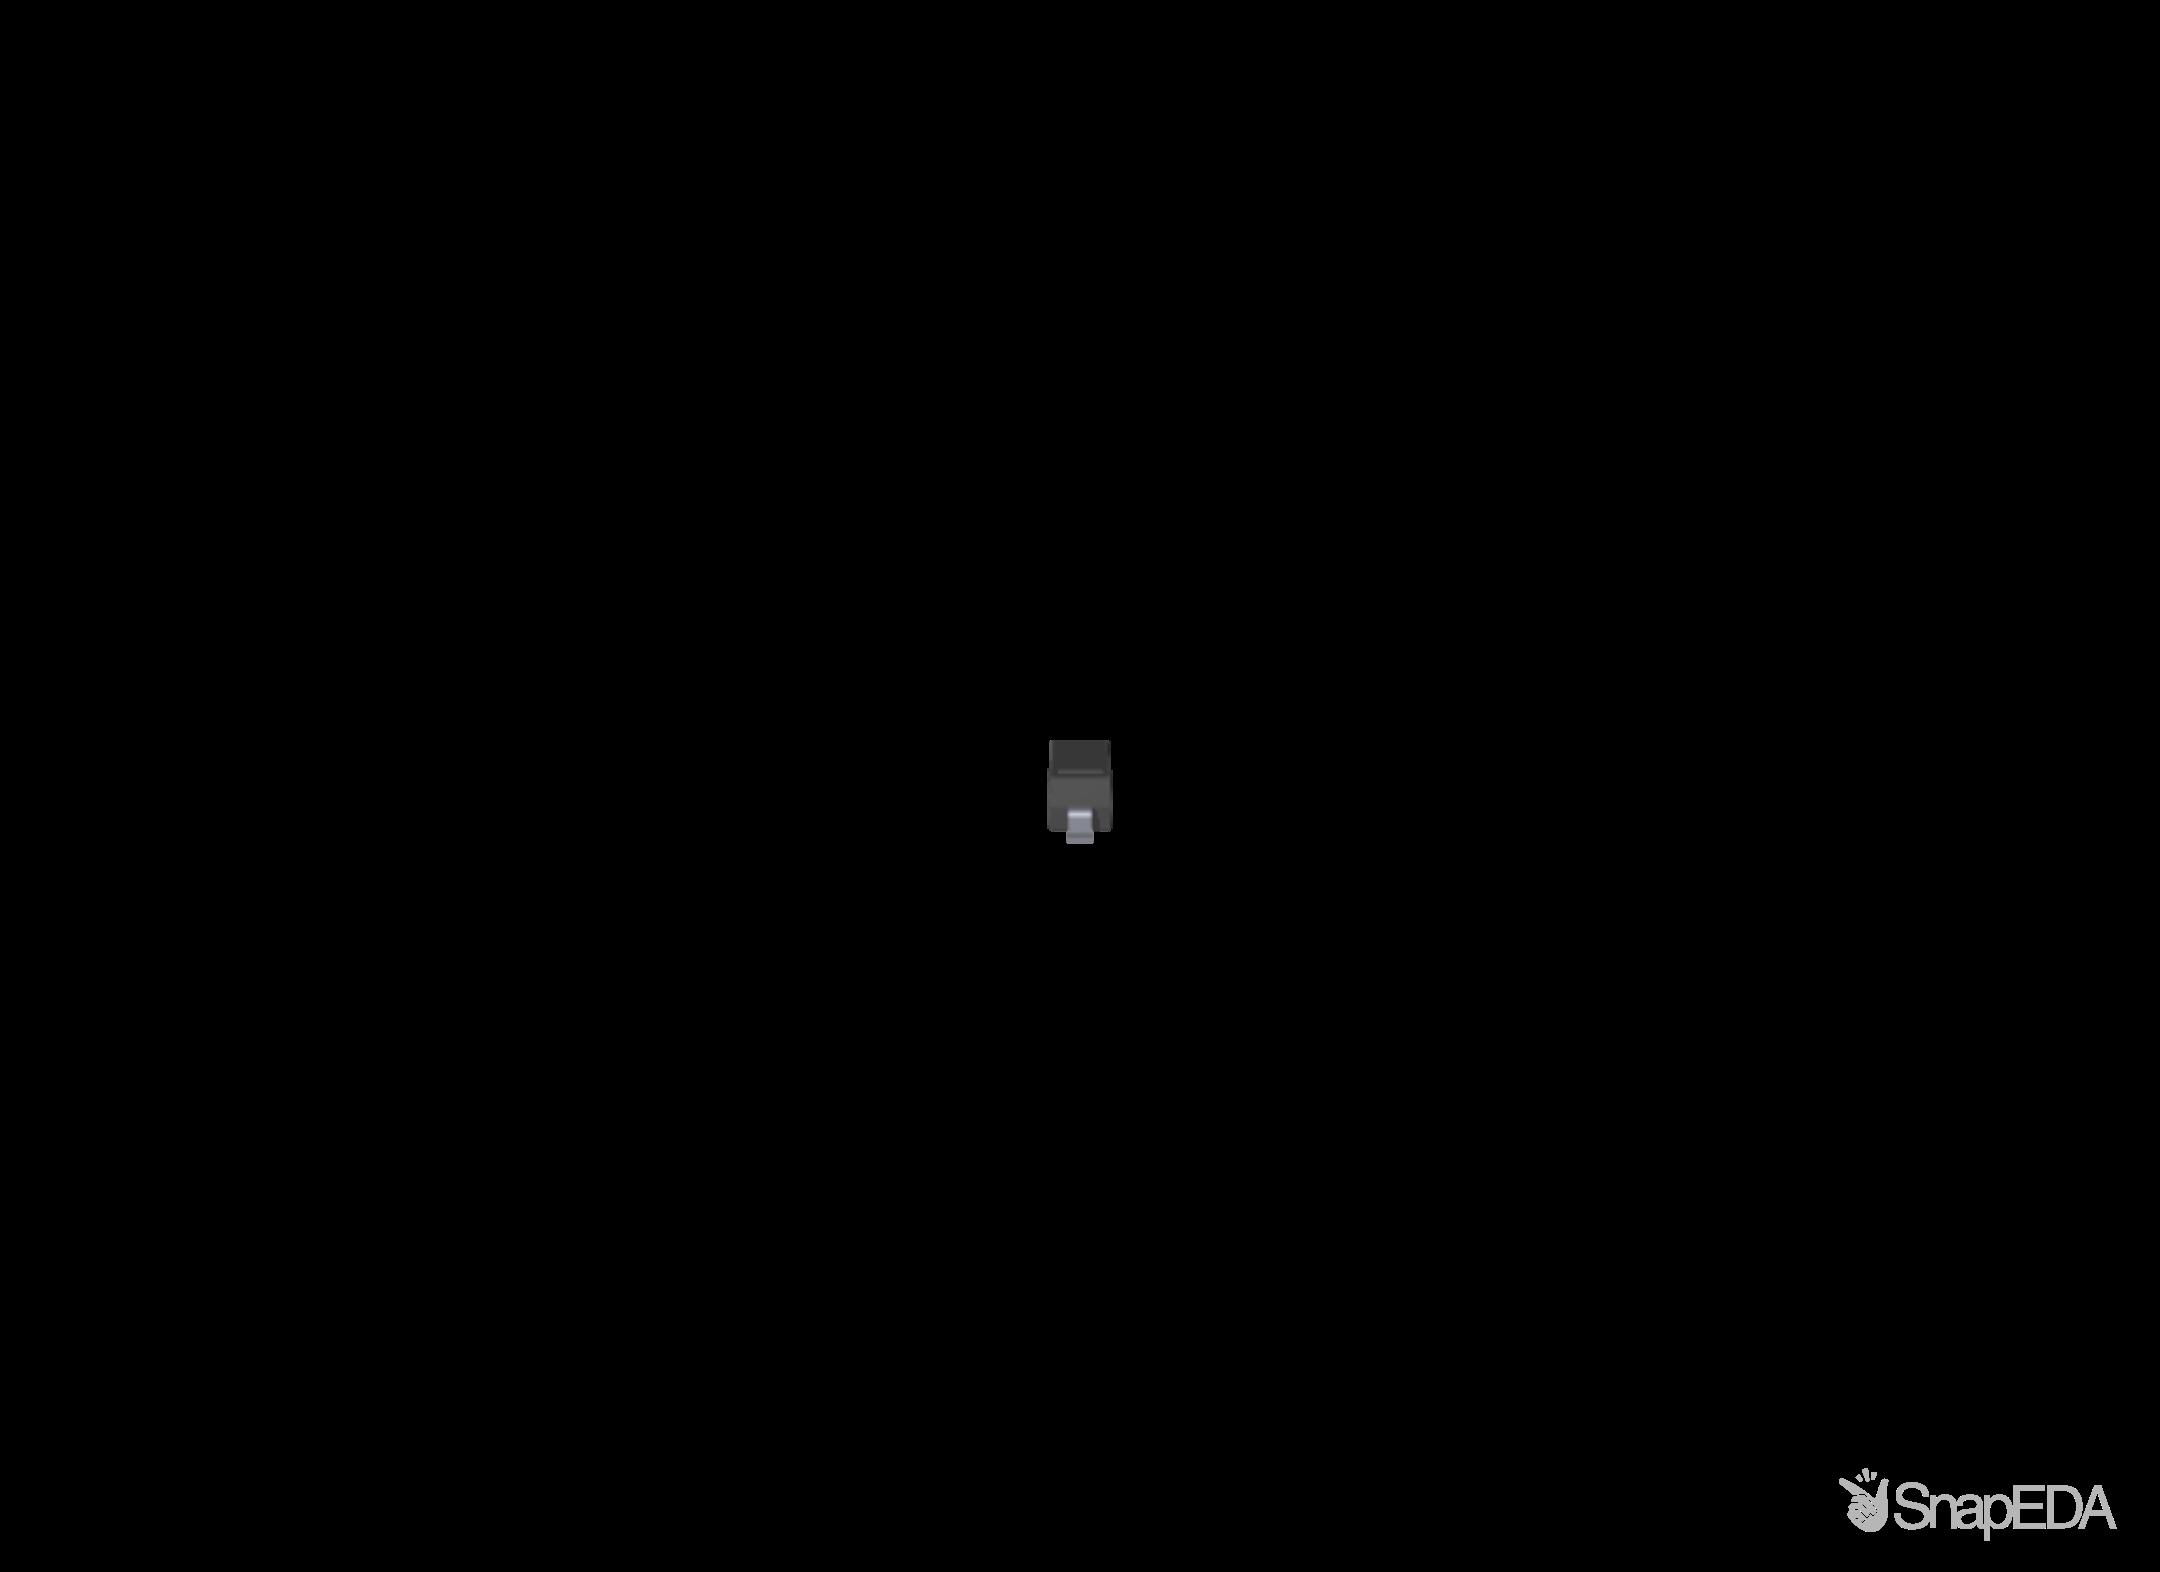 SBR0560S1-7 3D Model